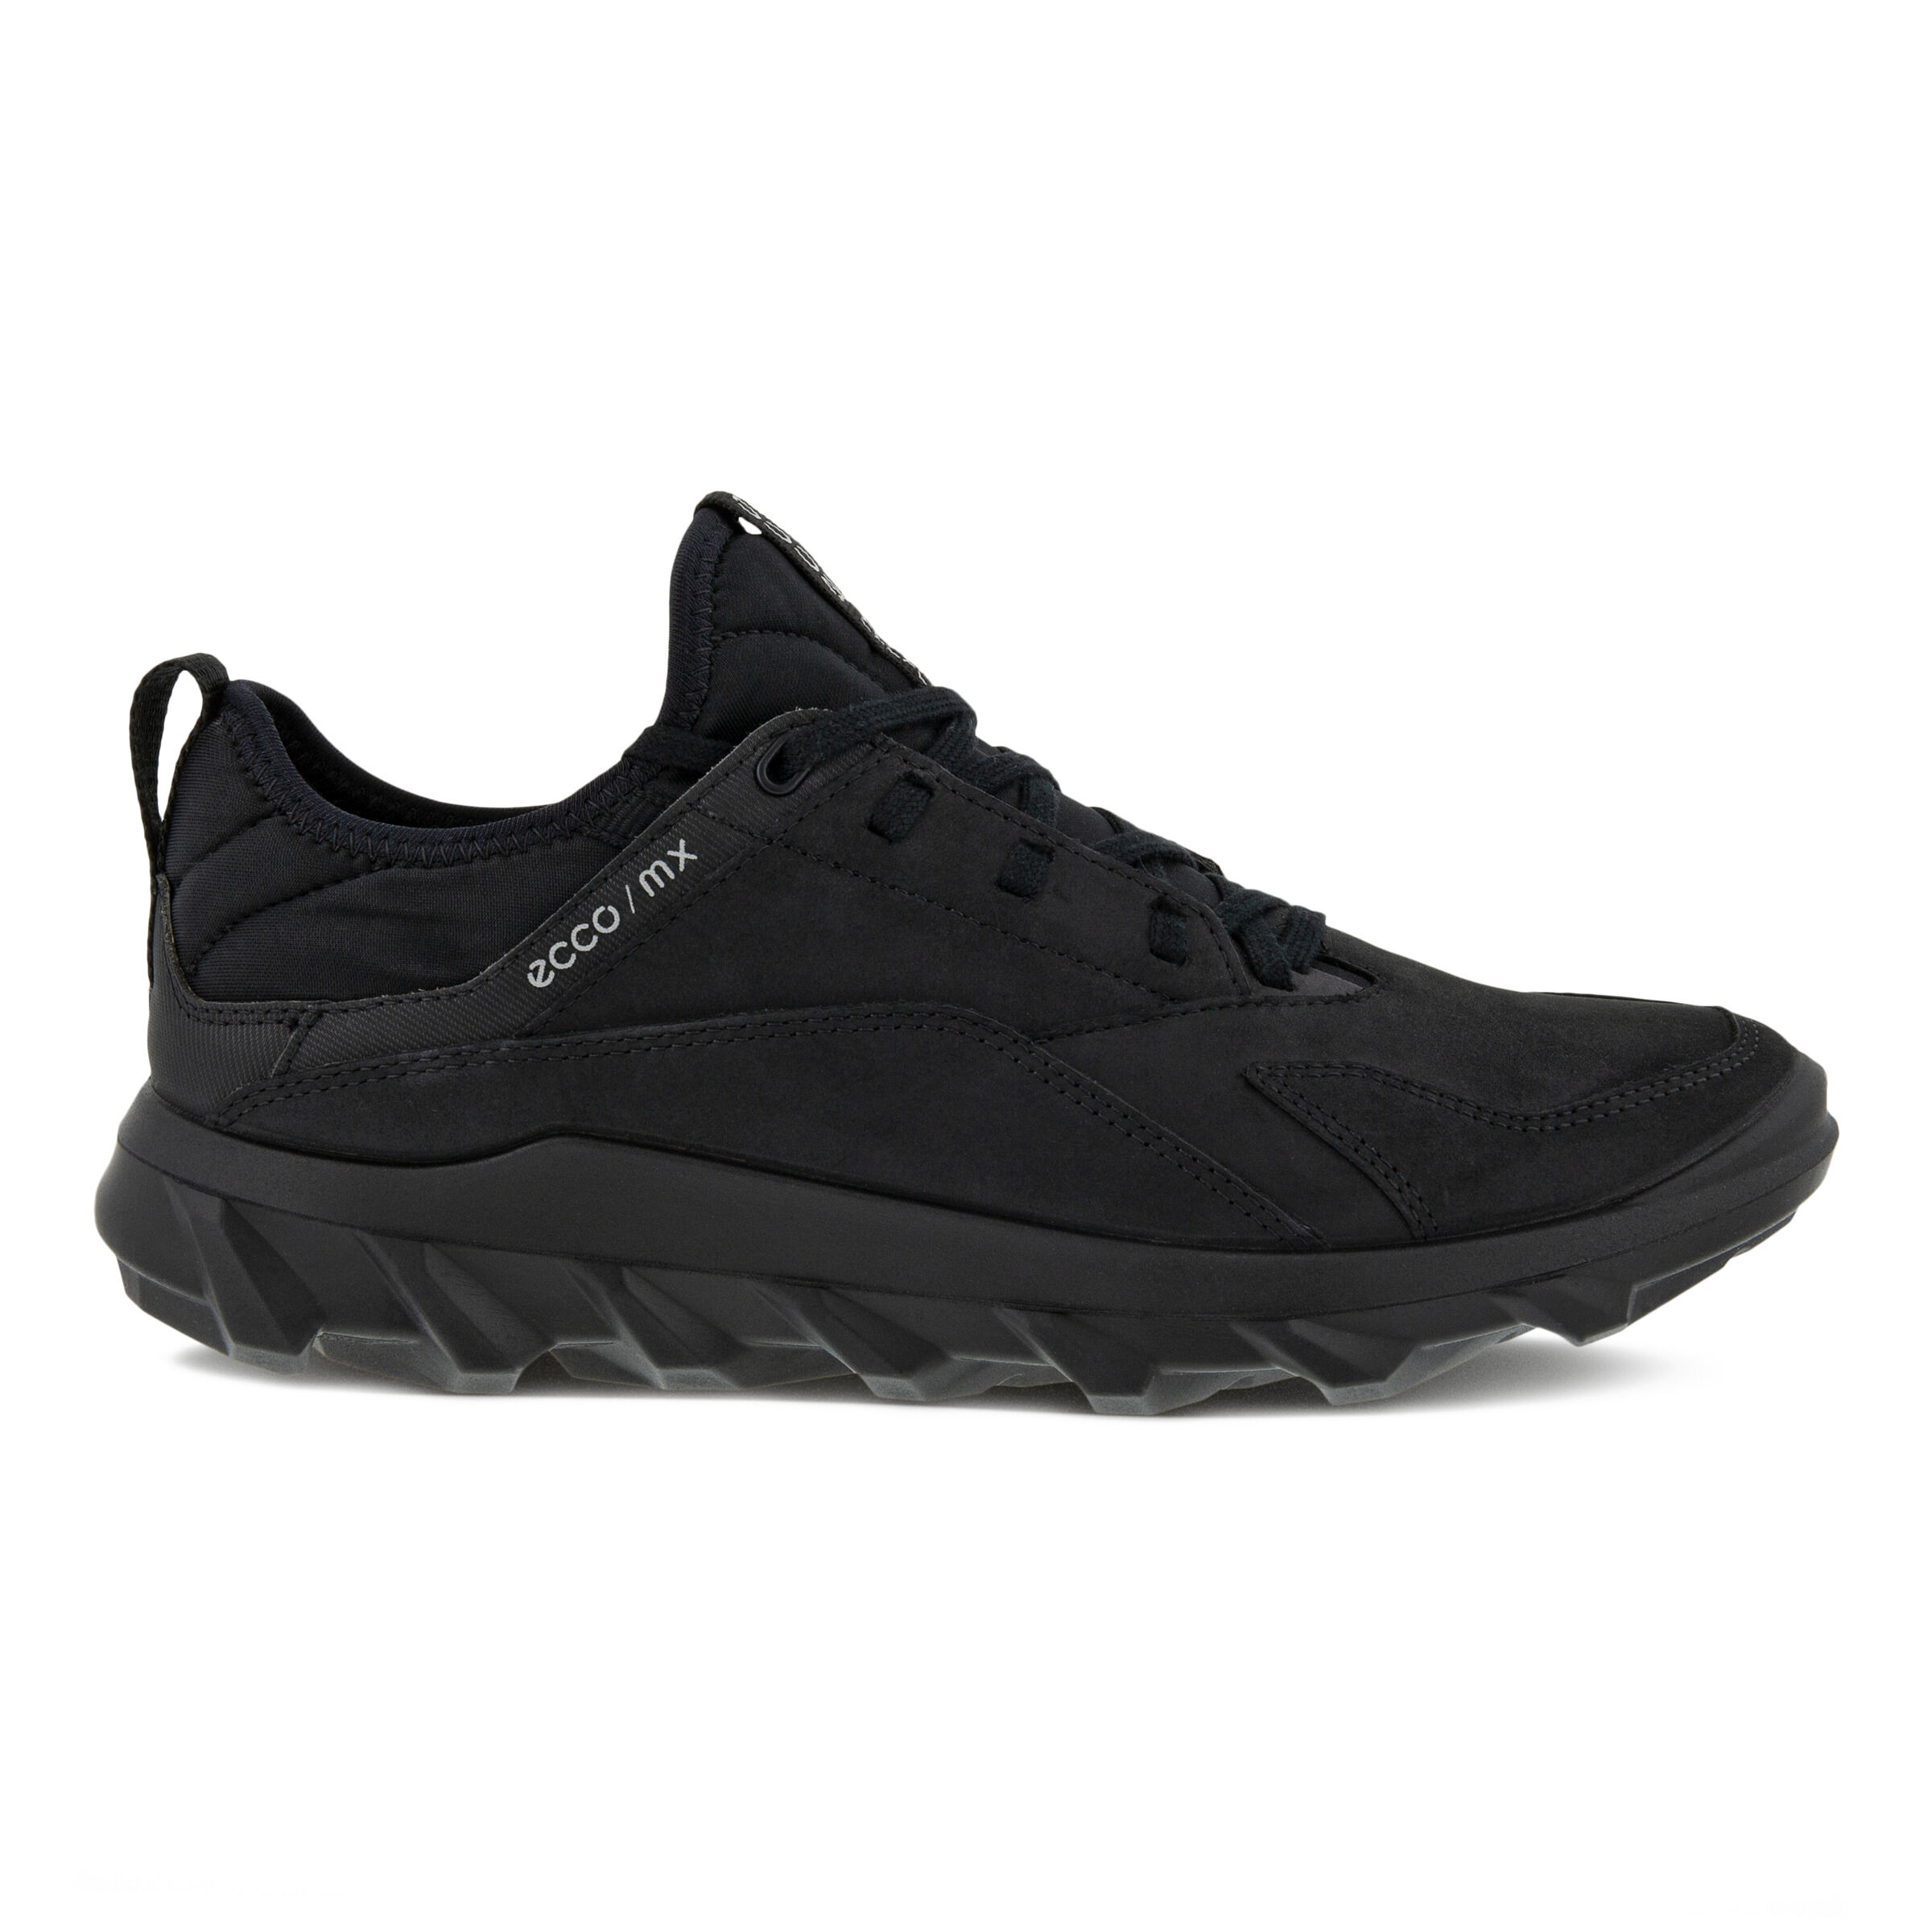 에코 스니커즈 ECCO MX Womens LOW Outdoor Shoes,BLACK